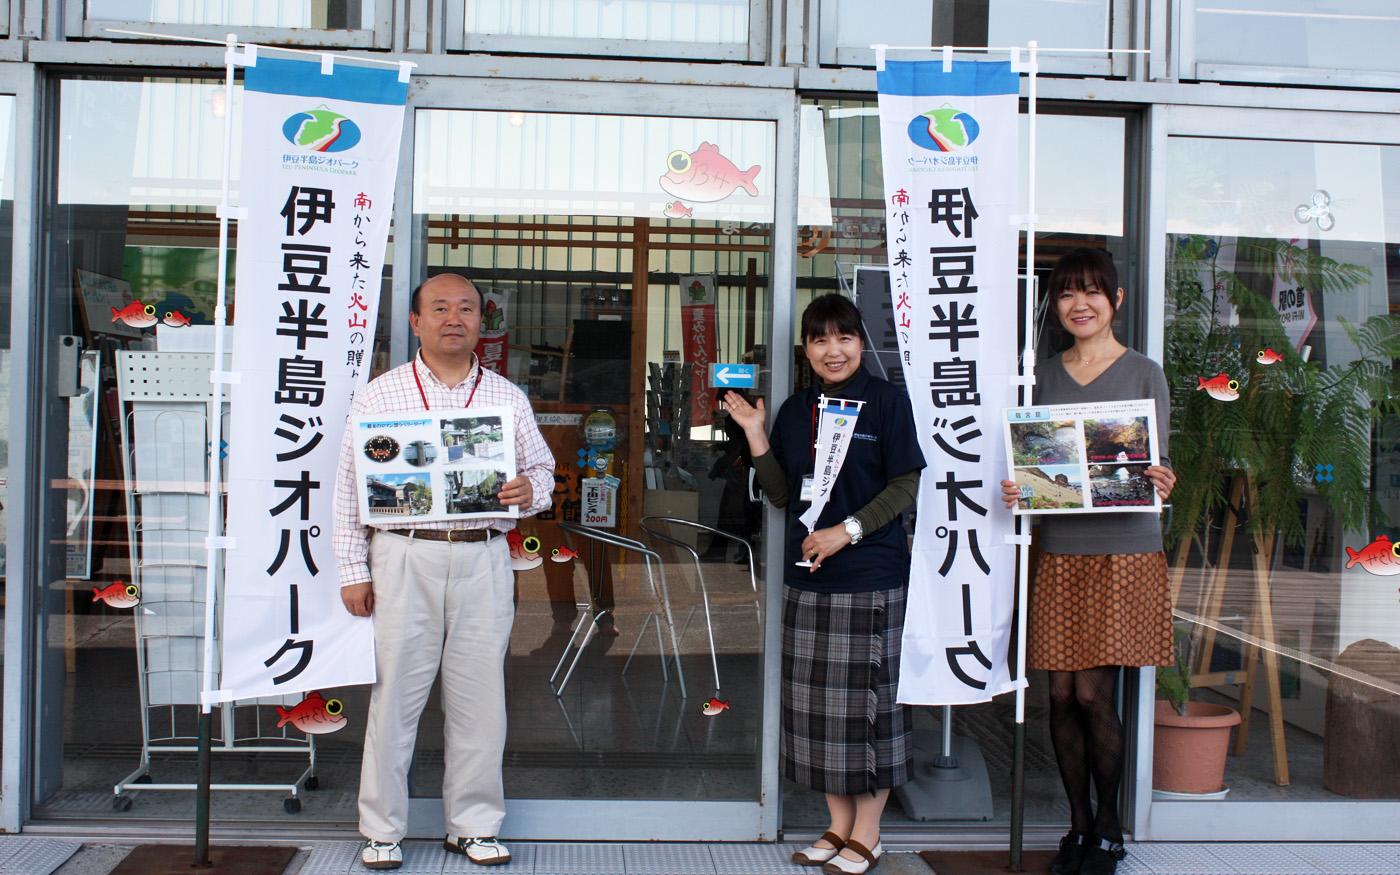 下田ビジターセンター